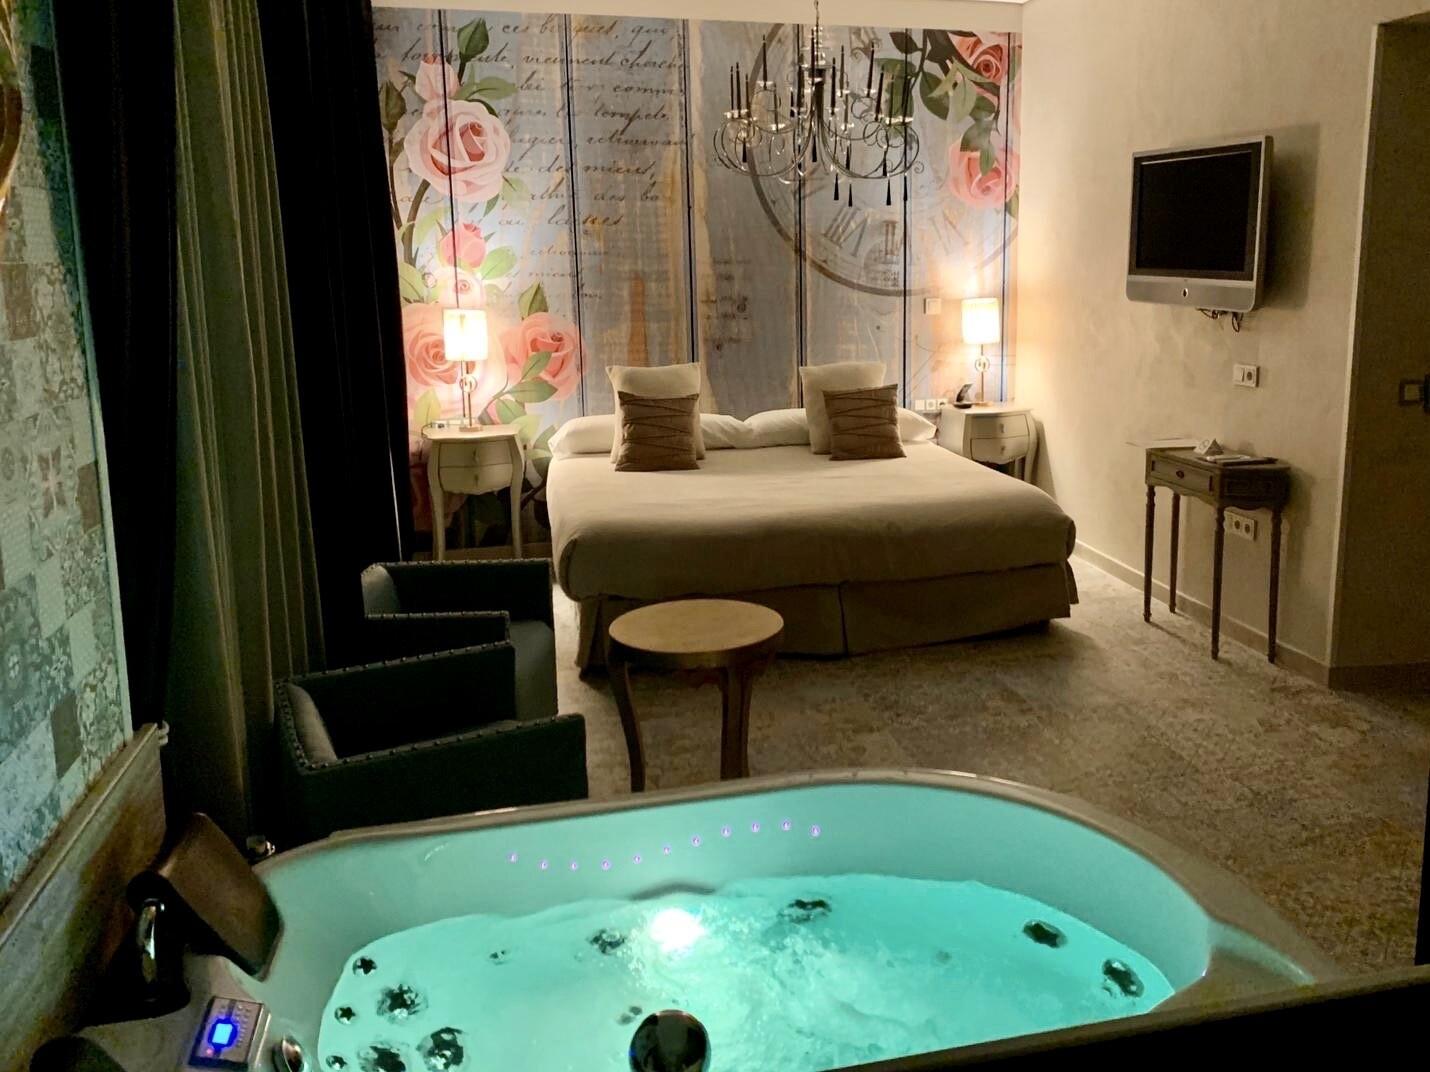 2 Noches viernes y sábado - Escapada Romántica en Suite con Jacuzzi (AHORRA 130€)